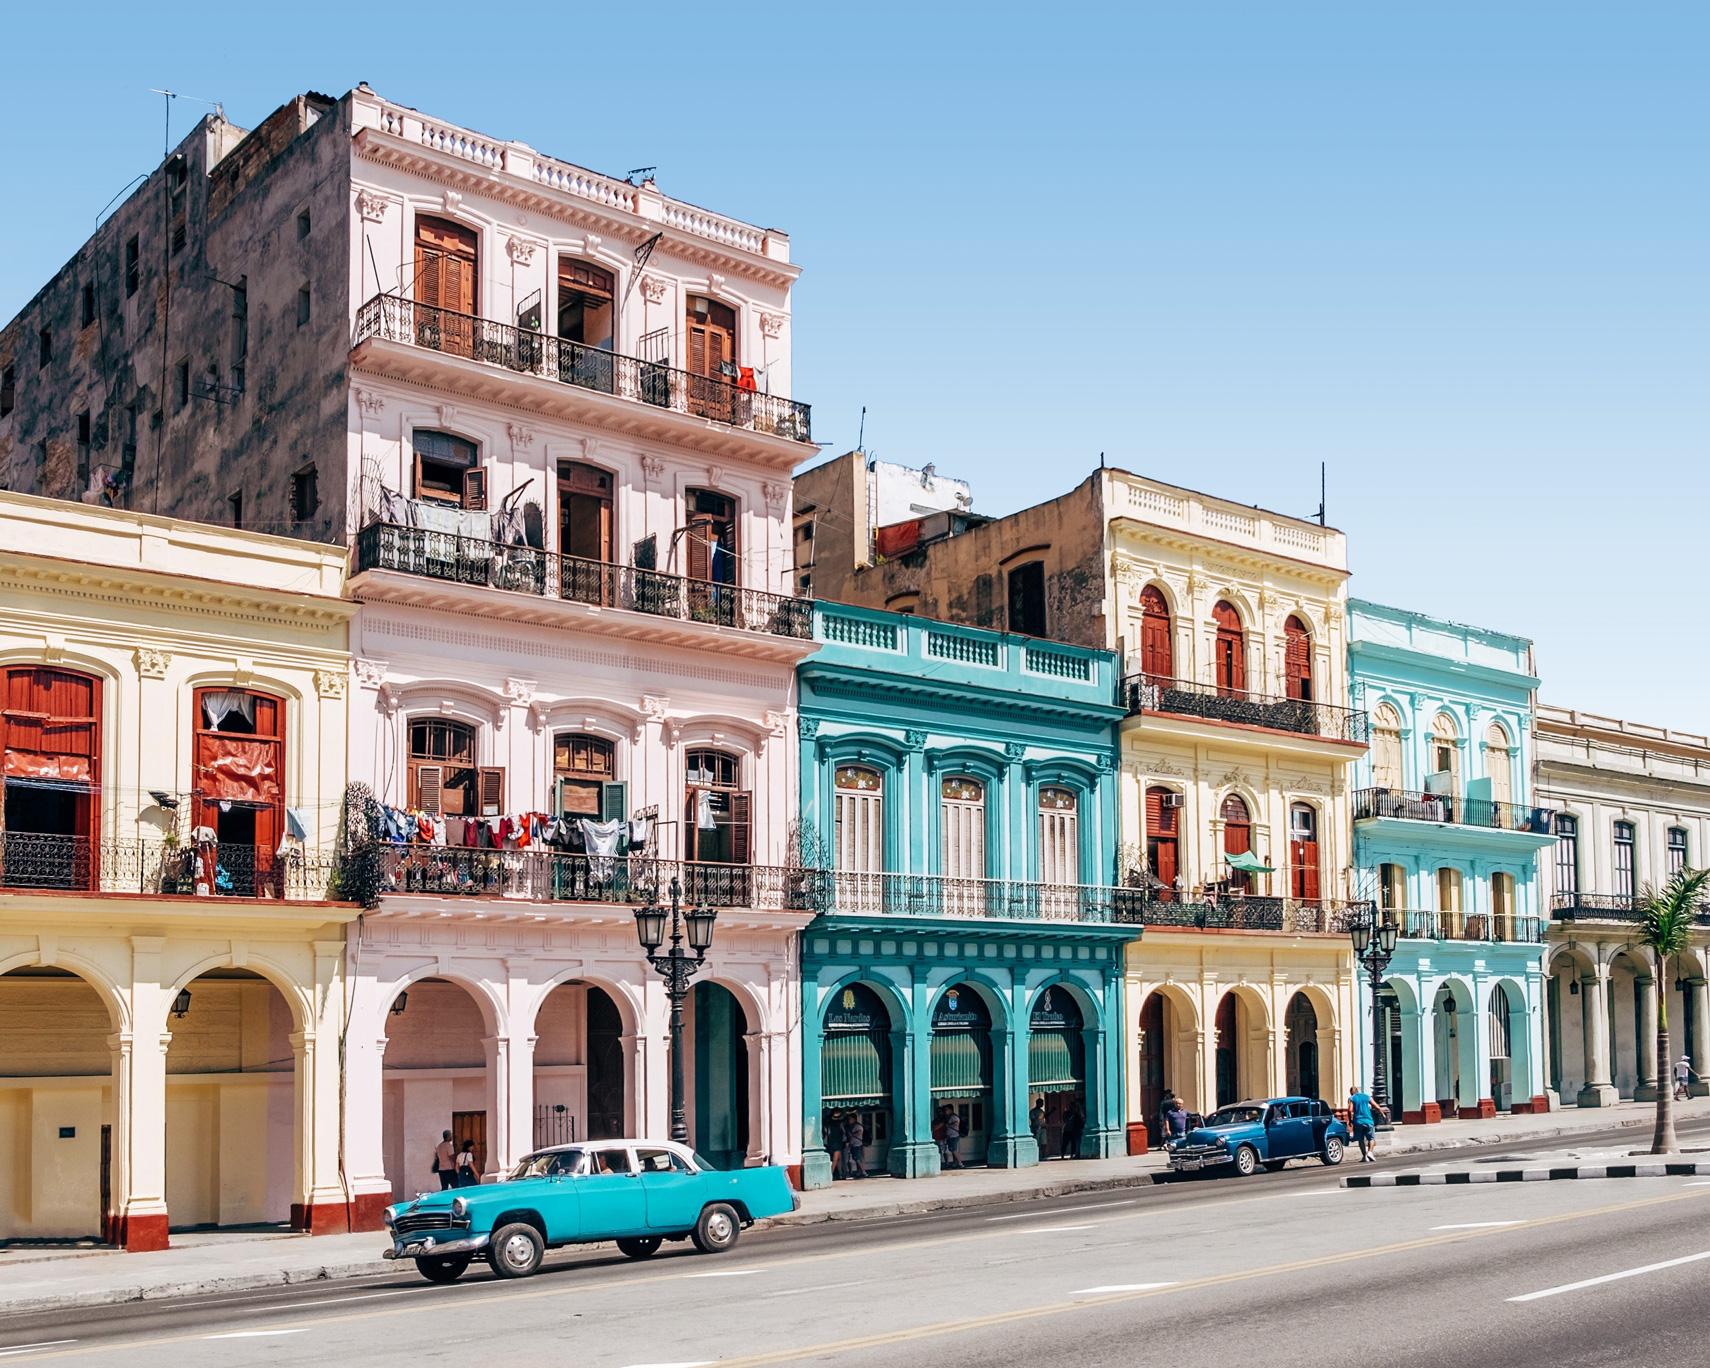 Évadez-vous dans ces îles des Caraïbes pour des vacances parfaites